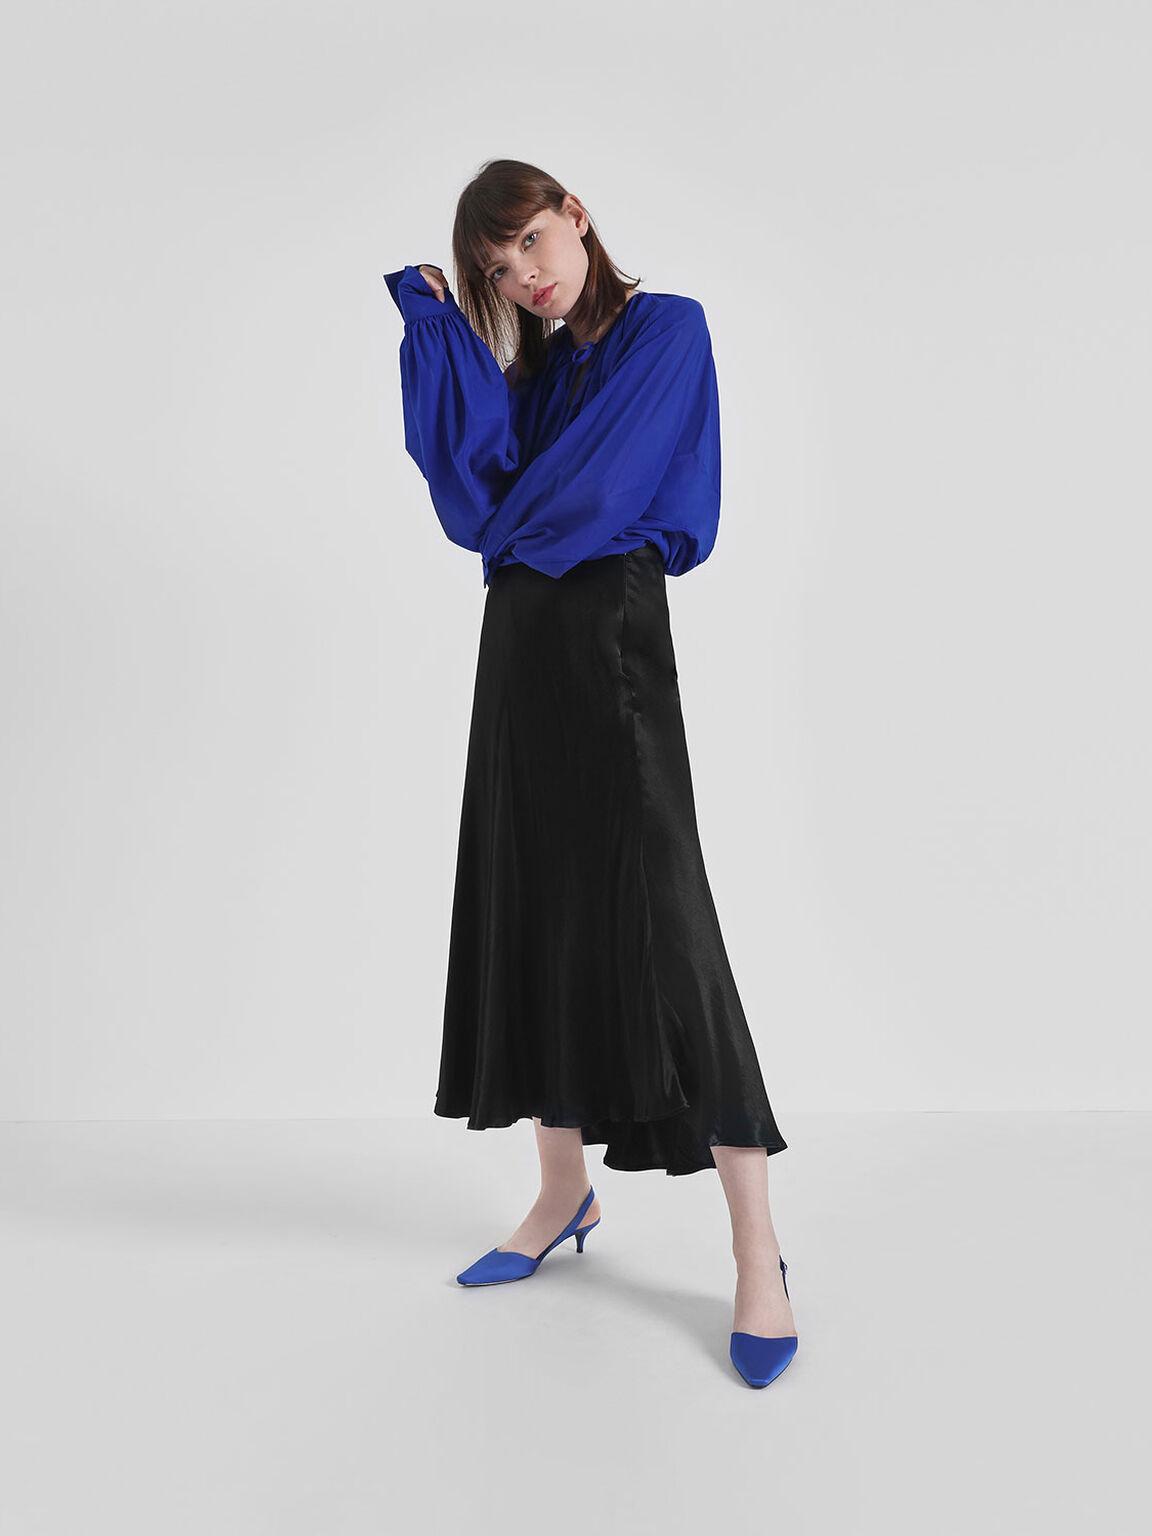 Satin Closed Toe Slingback Heels, Blue, hi-res